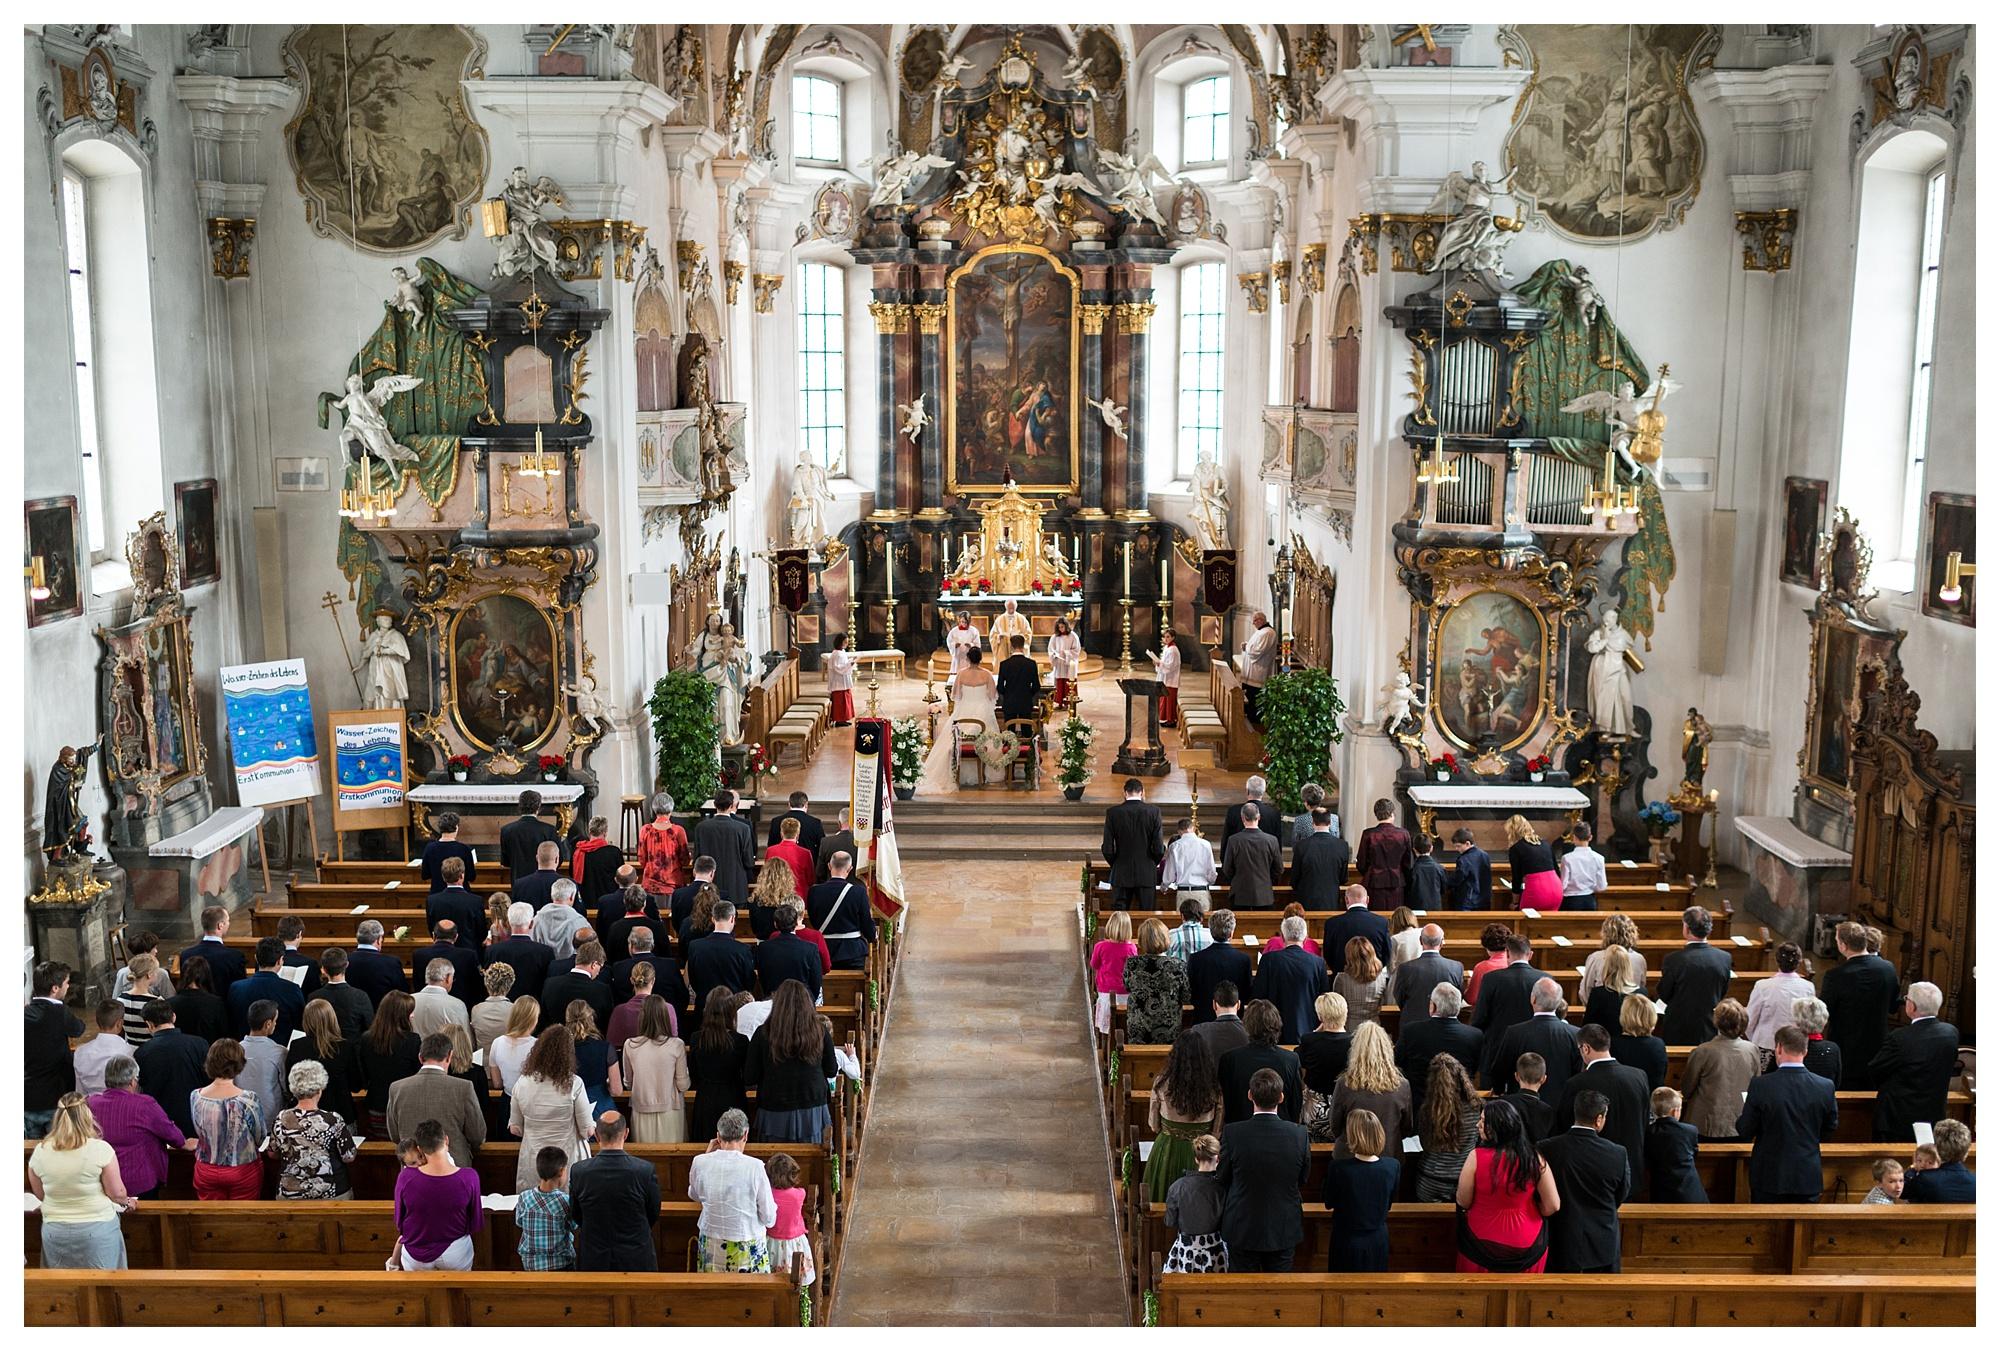 Fotograf Konstanz - Hochzeit Tanja Elmar Elmar Feuerbacher Photography Konstanz Messkirch Highlights 030 - Hochzeitsreportage von Tanja und Elmar im Schloss Meßkirch  - 134 -